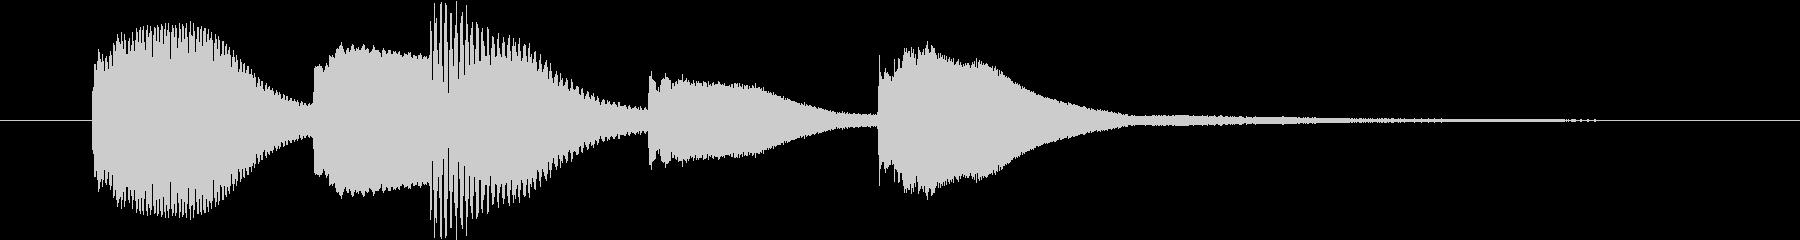 可愛い木琴の未再生の波形